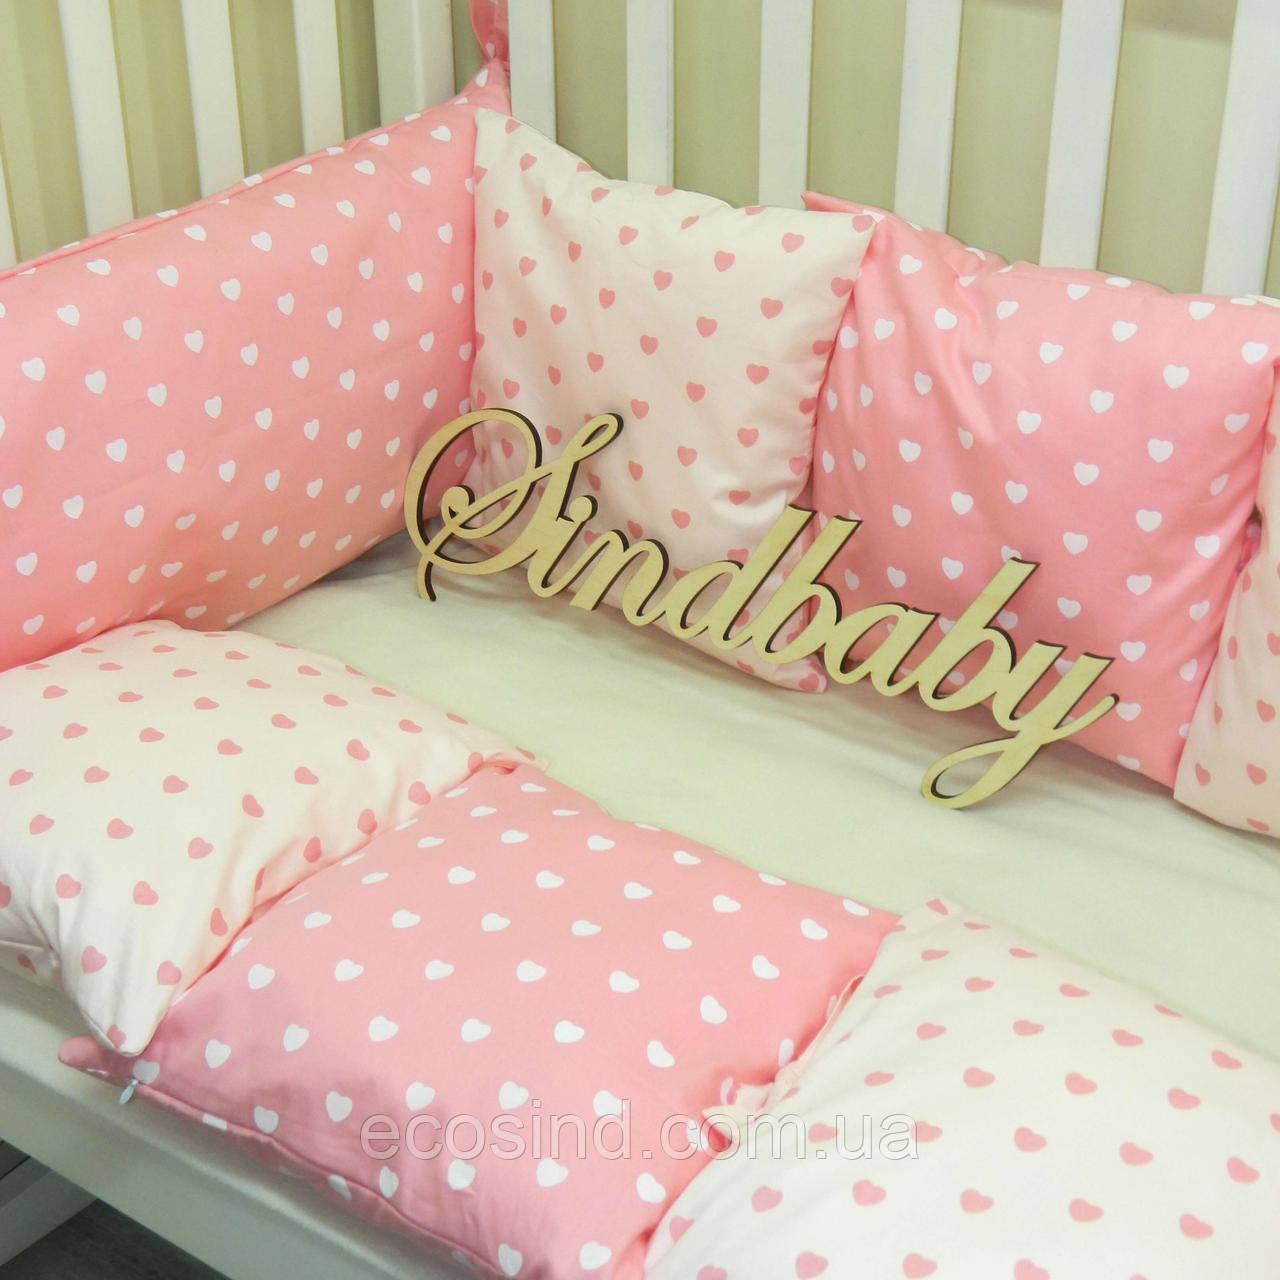 Защитные бортики из сатина для детской кроватки -06